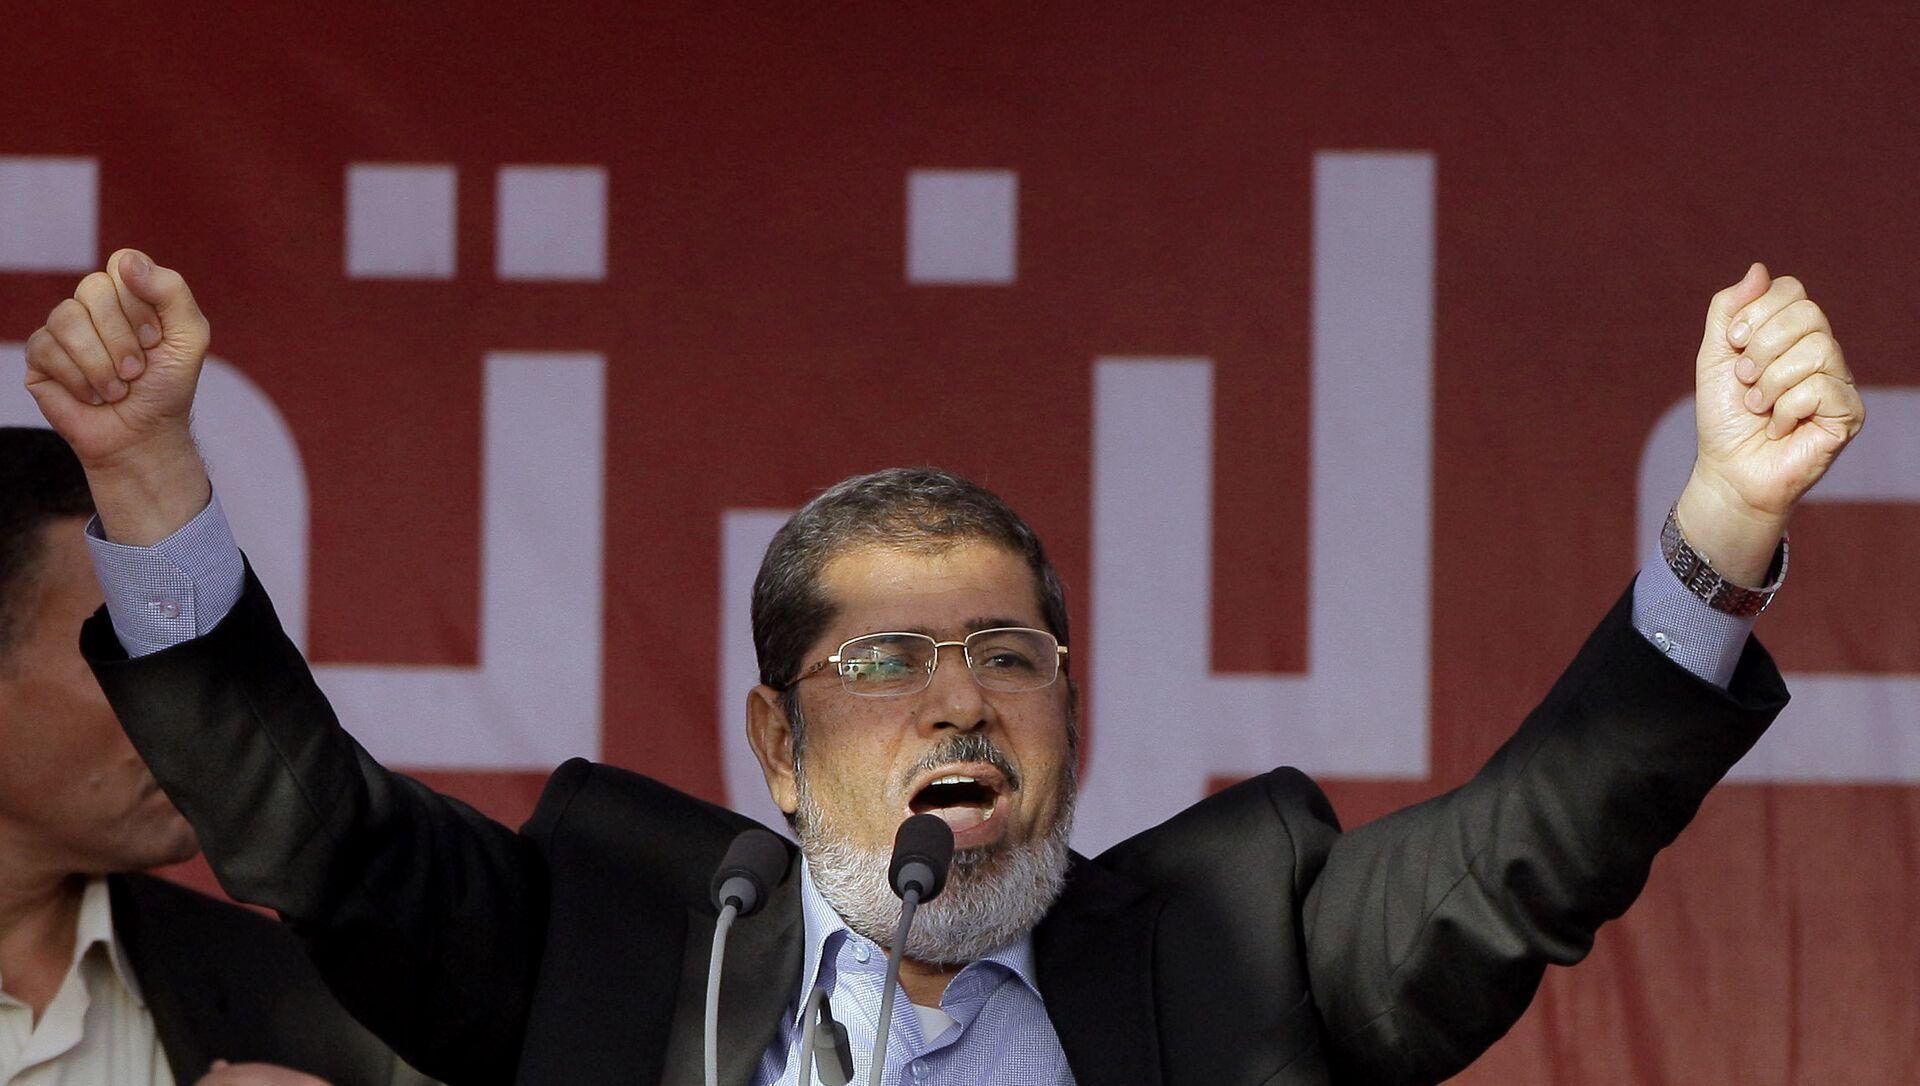 L'ex-Président égyptien Mohamed Morsi  - Sputnik France, 1920, 02.03.2021